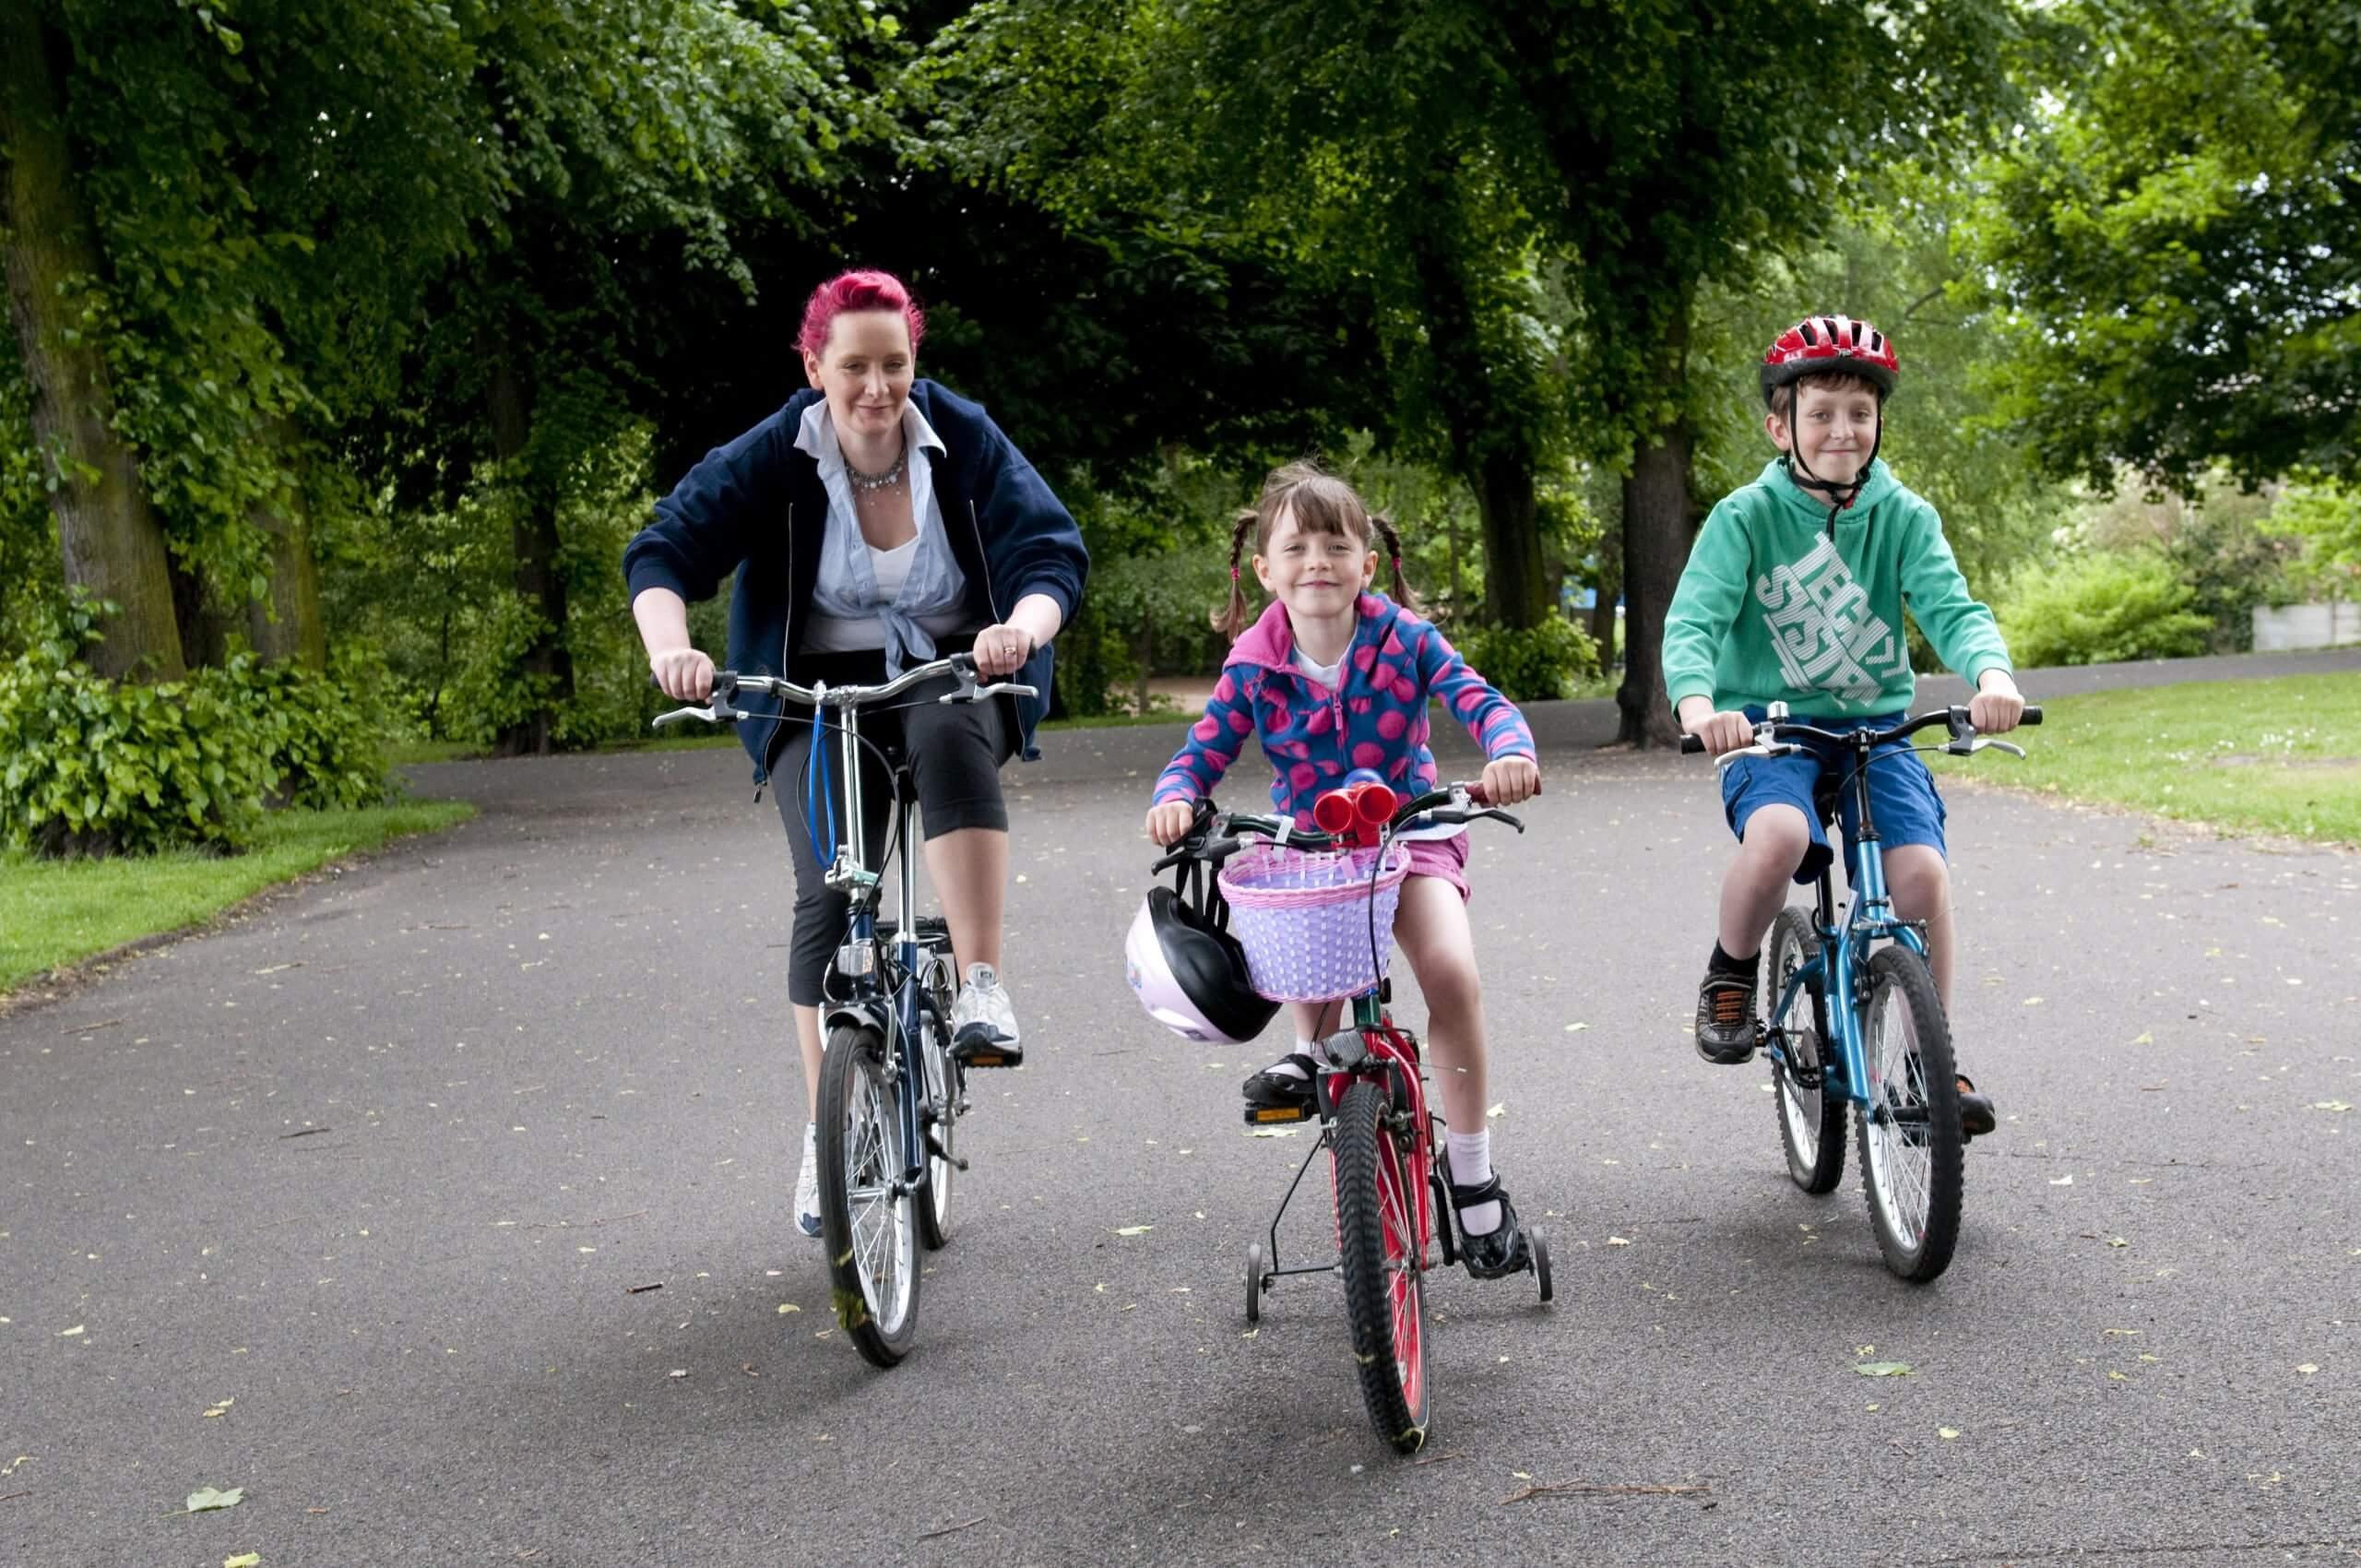 family on their bikes